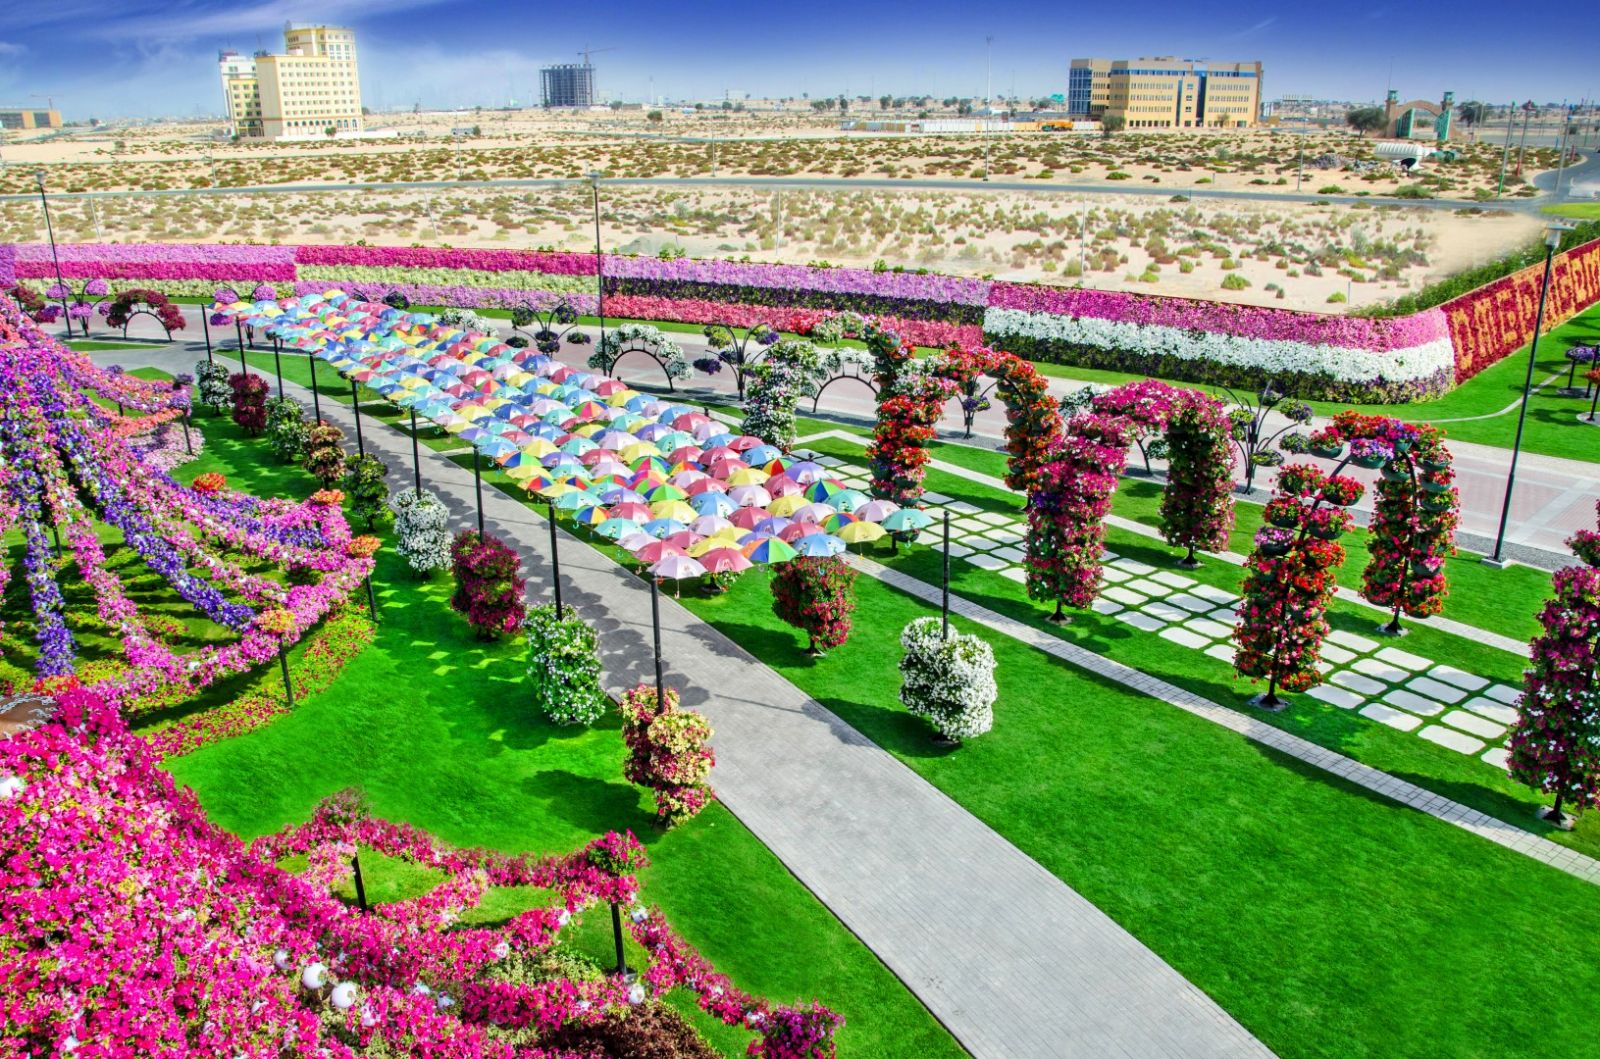 Vườn hoa kì diệu ở Dubai